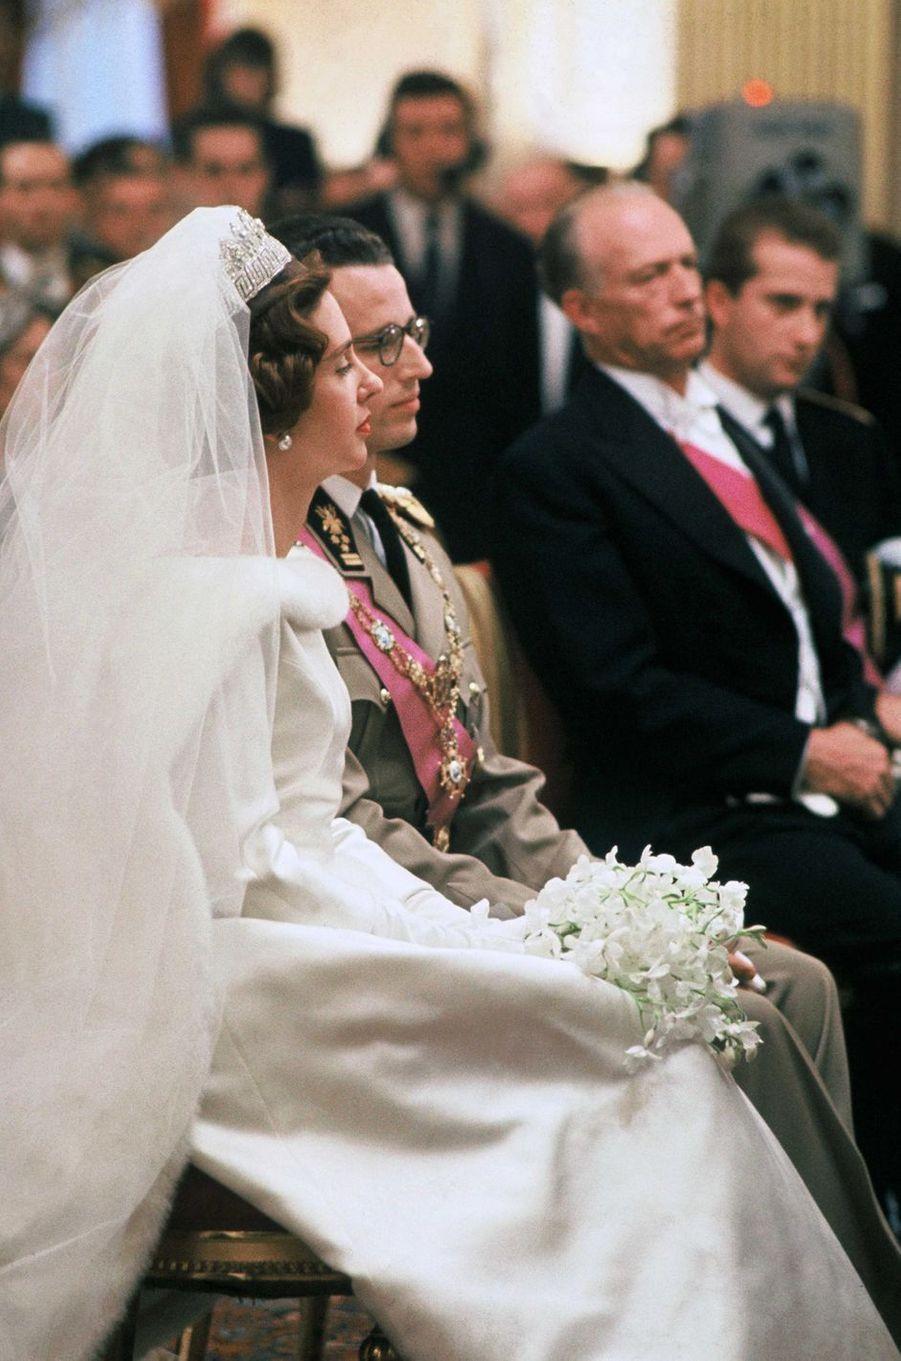 Le roi des Belges Baudouin et Fabiola de Mora y Aragon, lors de leur mariage civil à Bruxelles, 15 décembre 1960